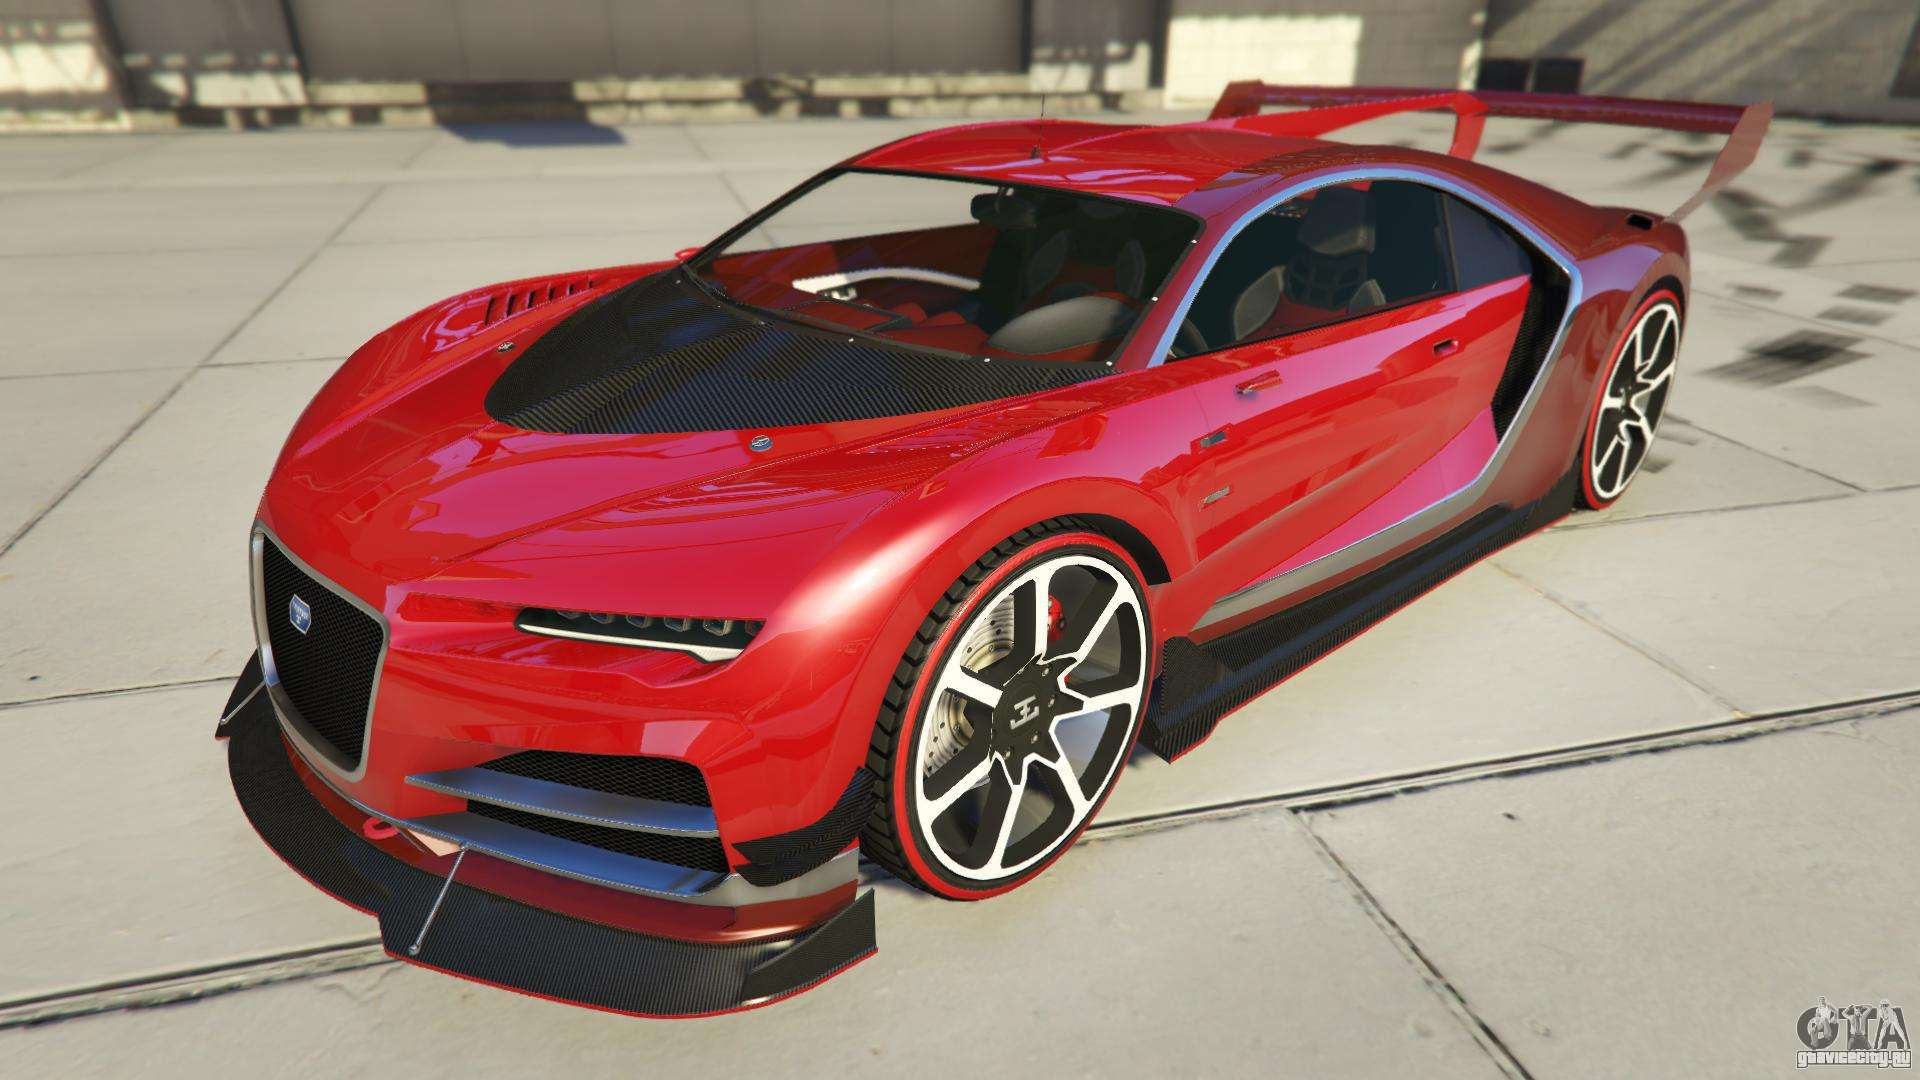 Truffade Nero Custom из GTA Online